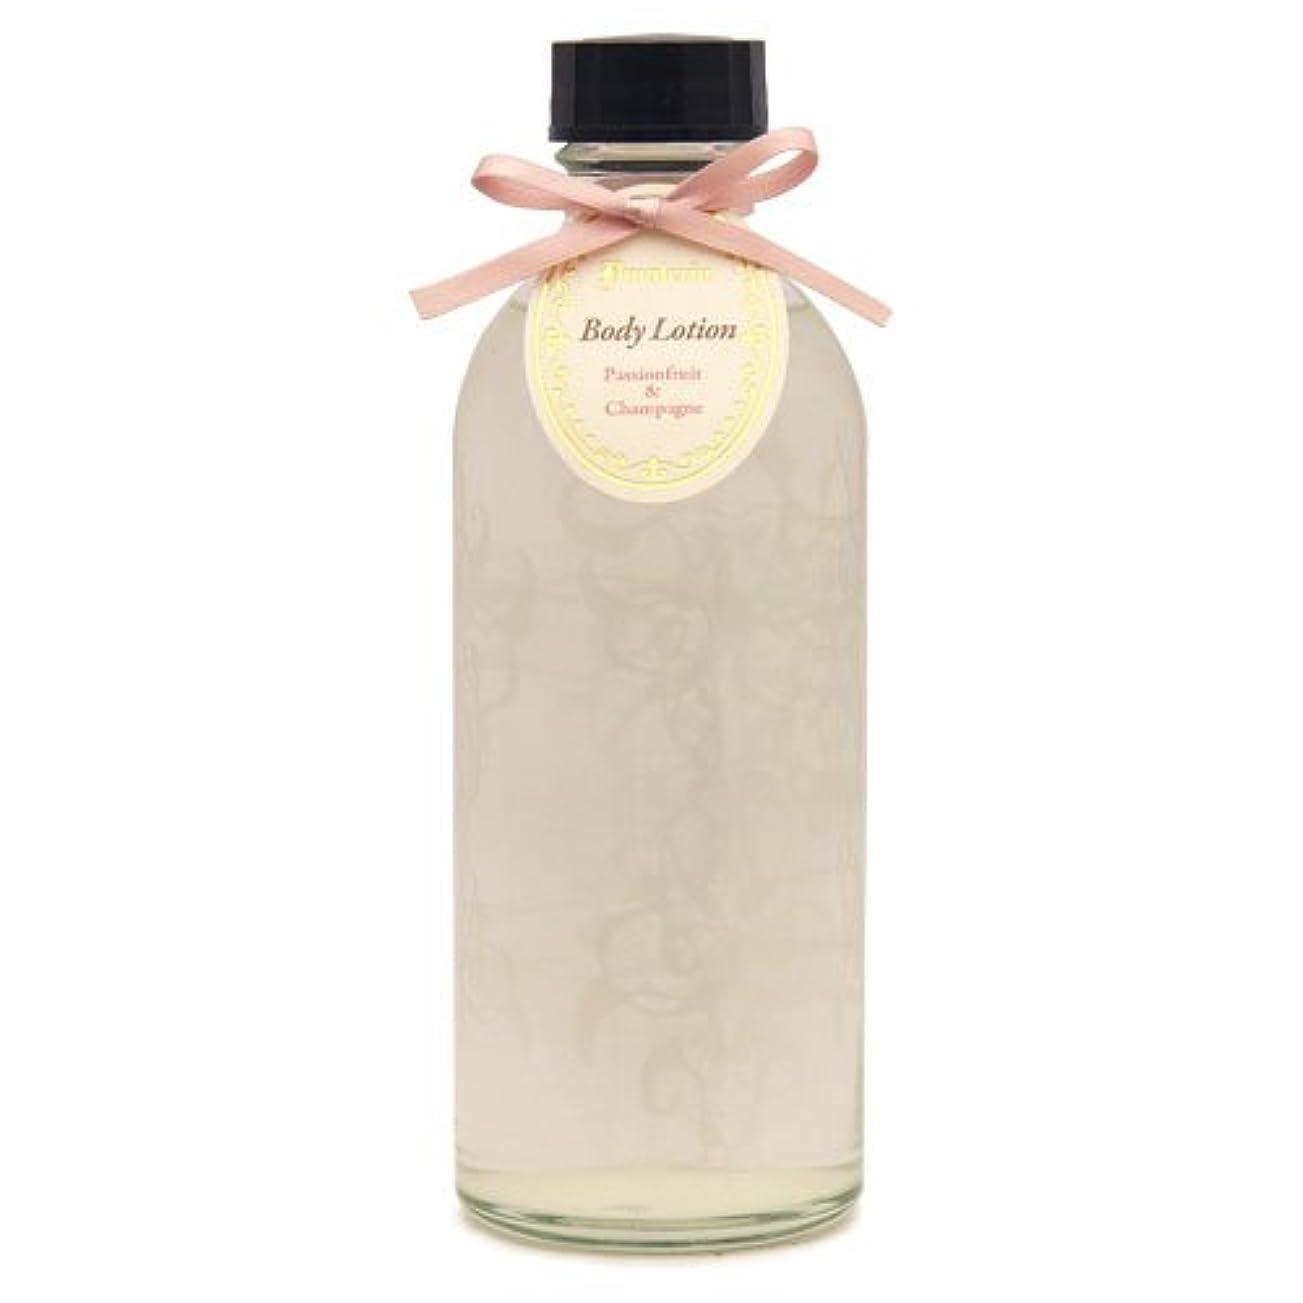 逆説呼ぶ熱心なD materia ボディローション パッションフルーツ&シャンパン Passionfruit&Champagne Body Lotion ディーマテリア